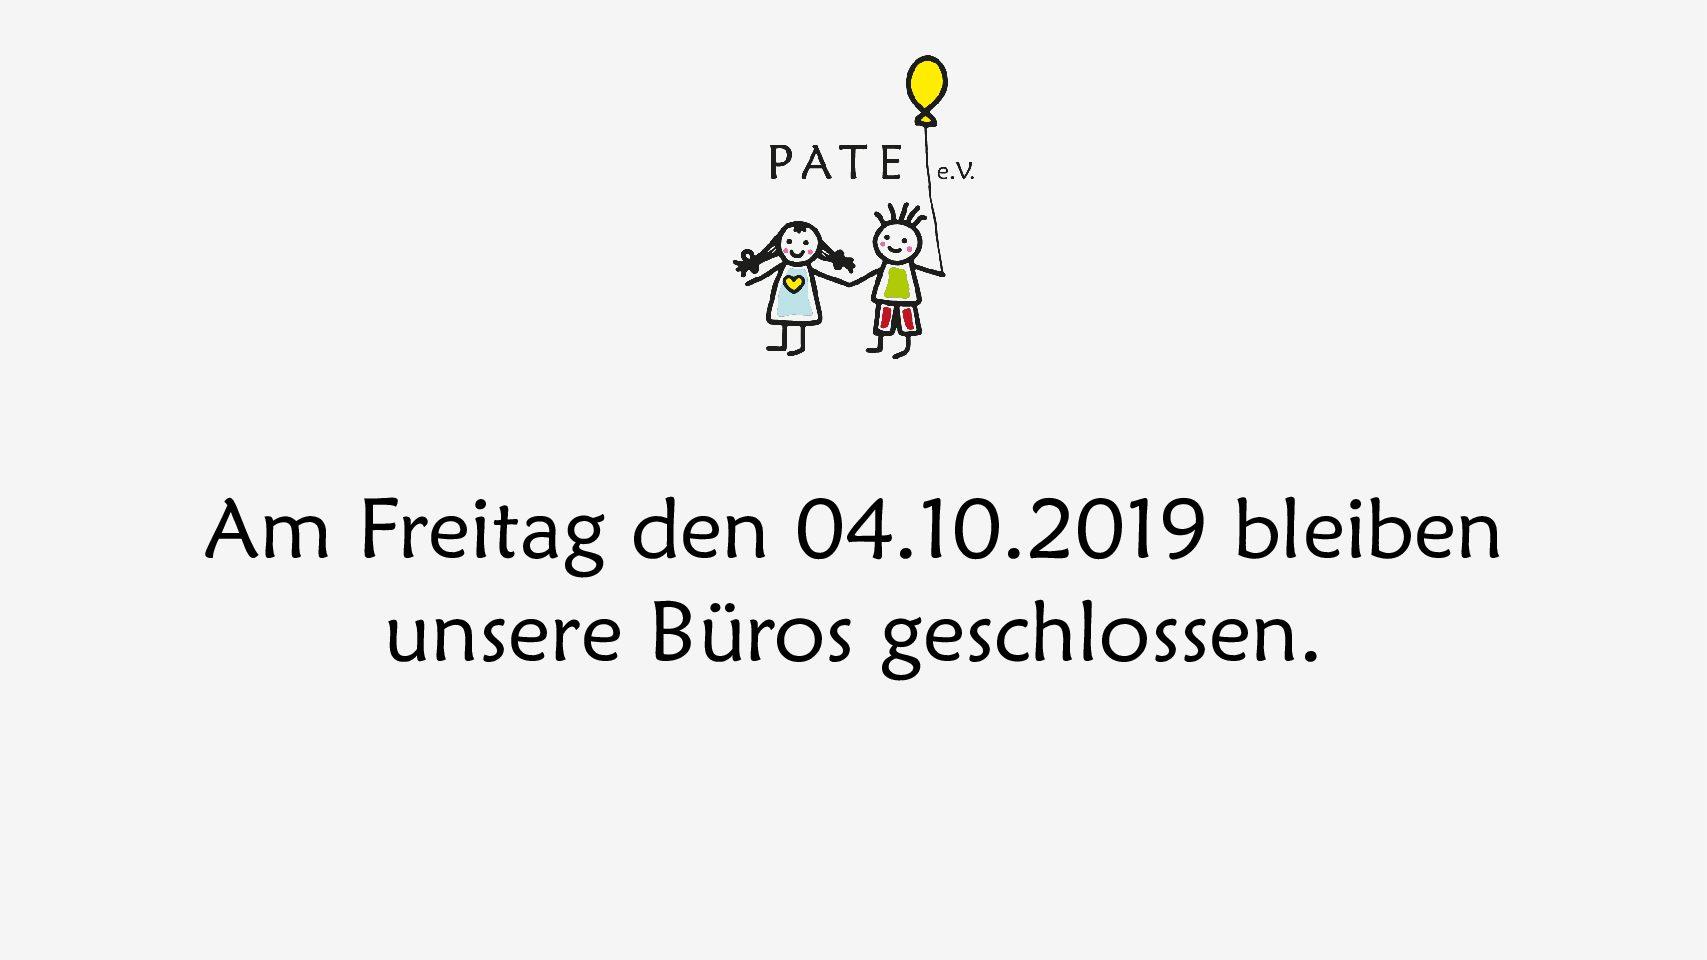 Am Freitag den 04.10.2019 bleiben unsere Büros geschlossen